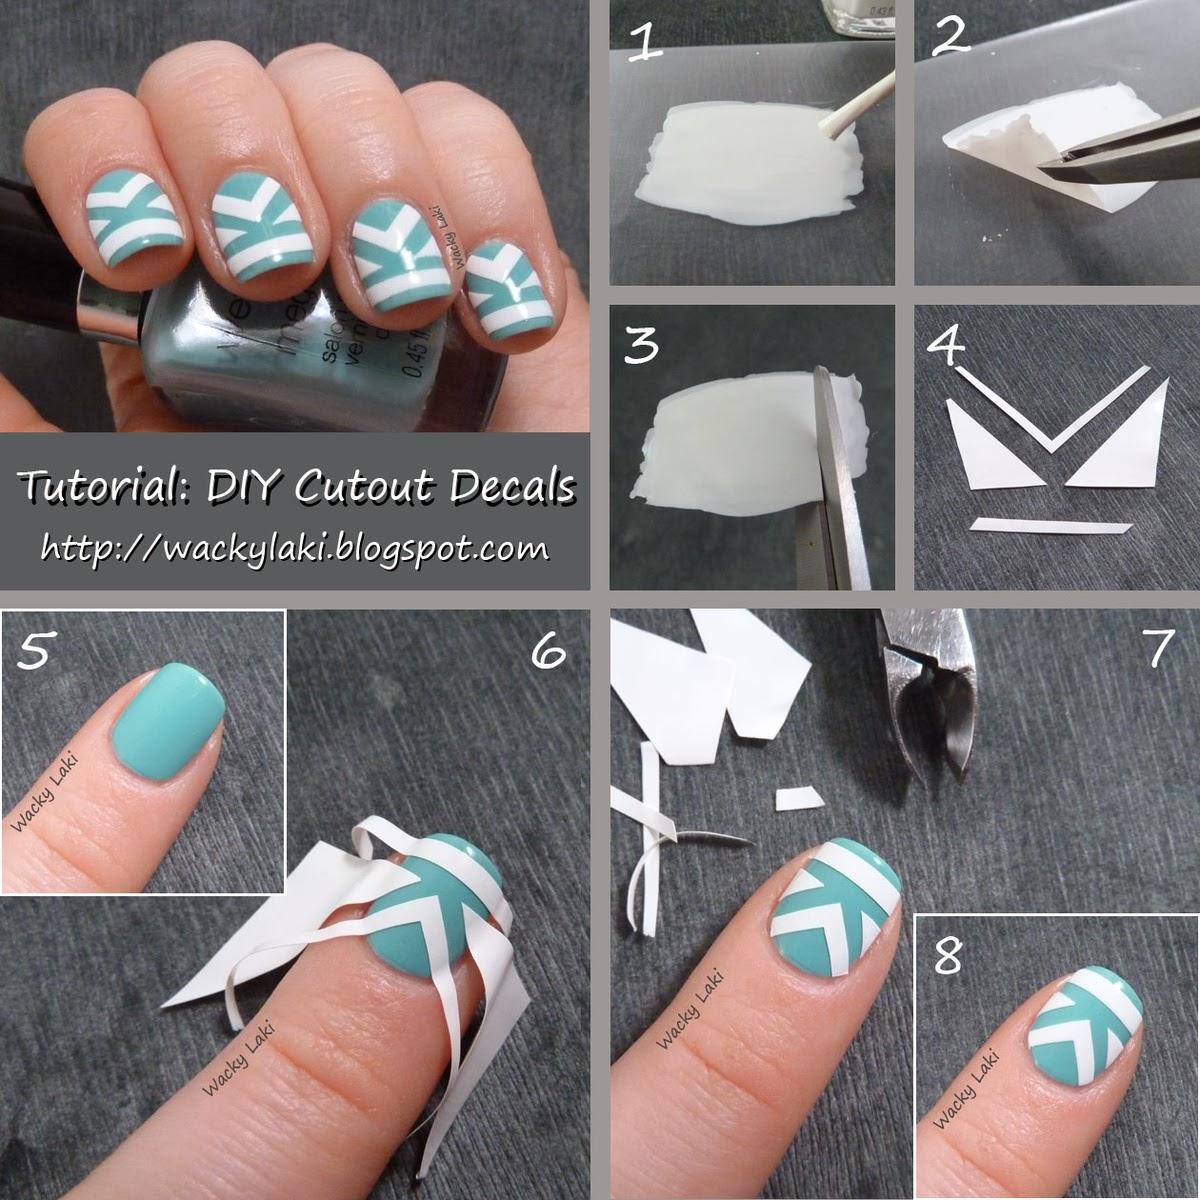 DIY hágalo usted misma ¡¡: Decoración de uñas casero.